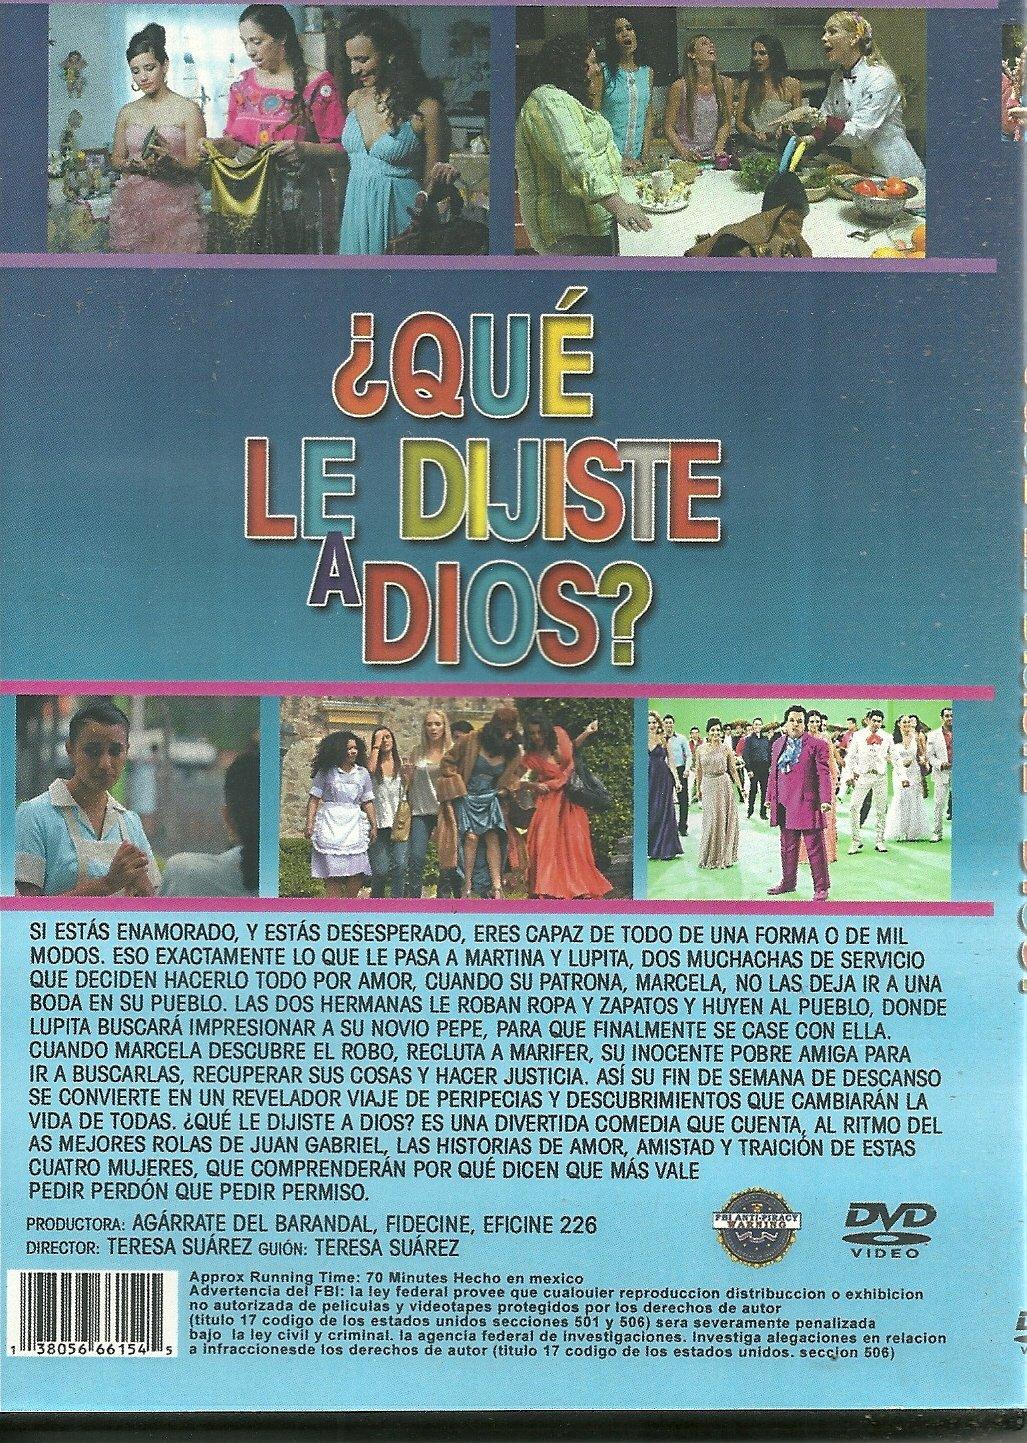 Una Comedia Con Rolas De Juan Gabriel: Movies & TV